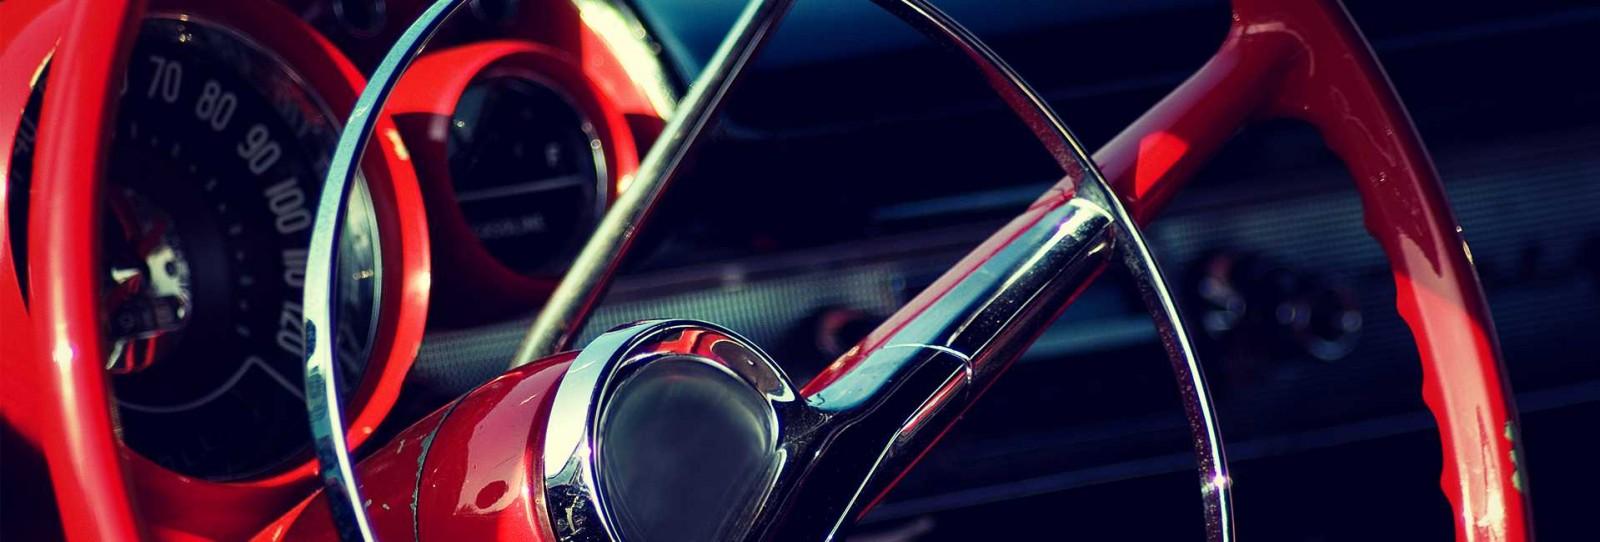 Steering wheel background